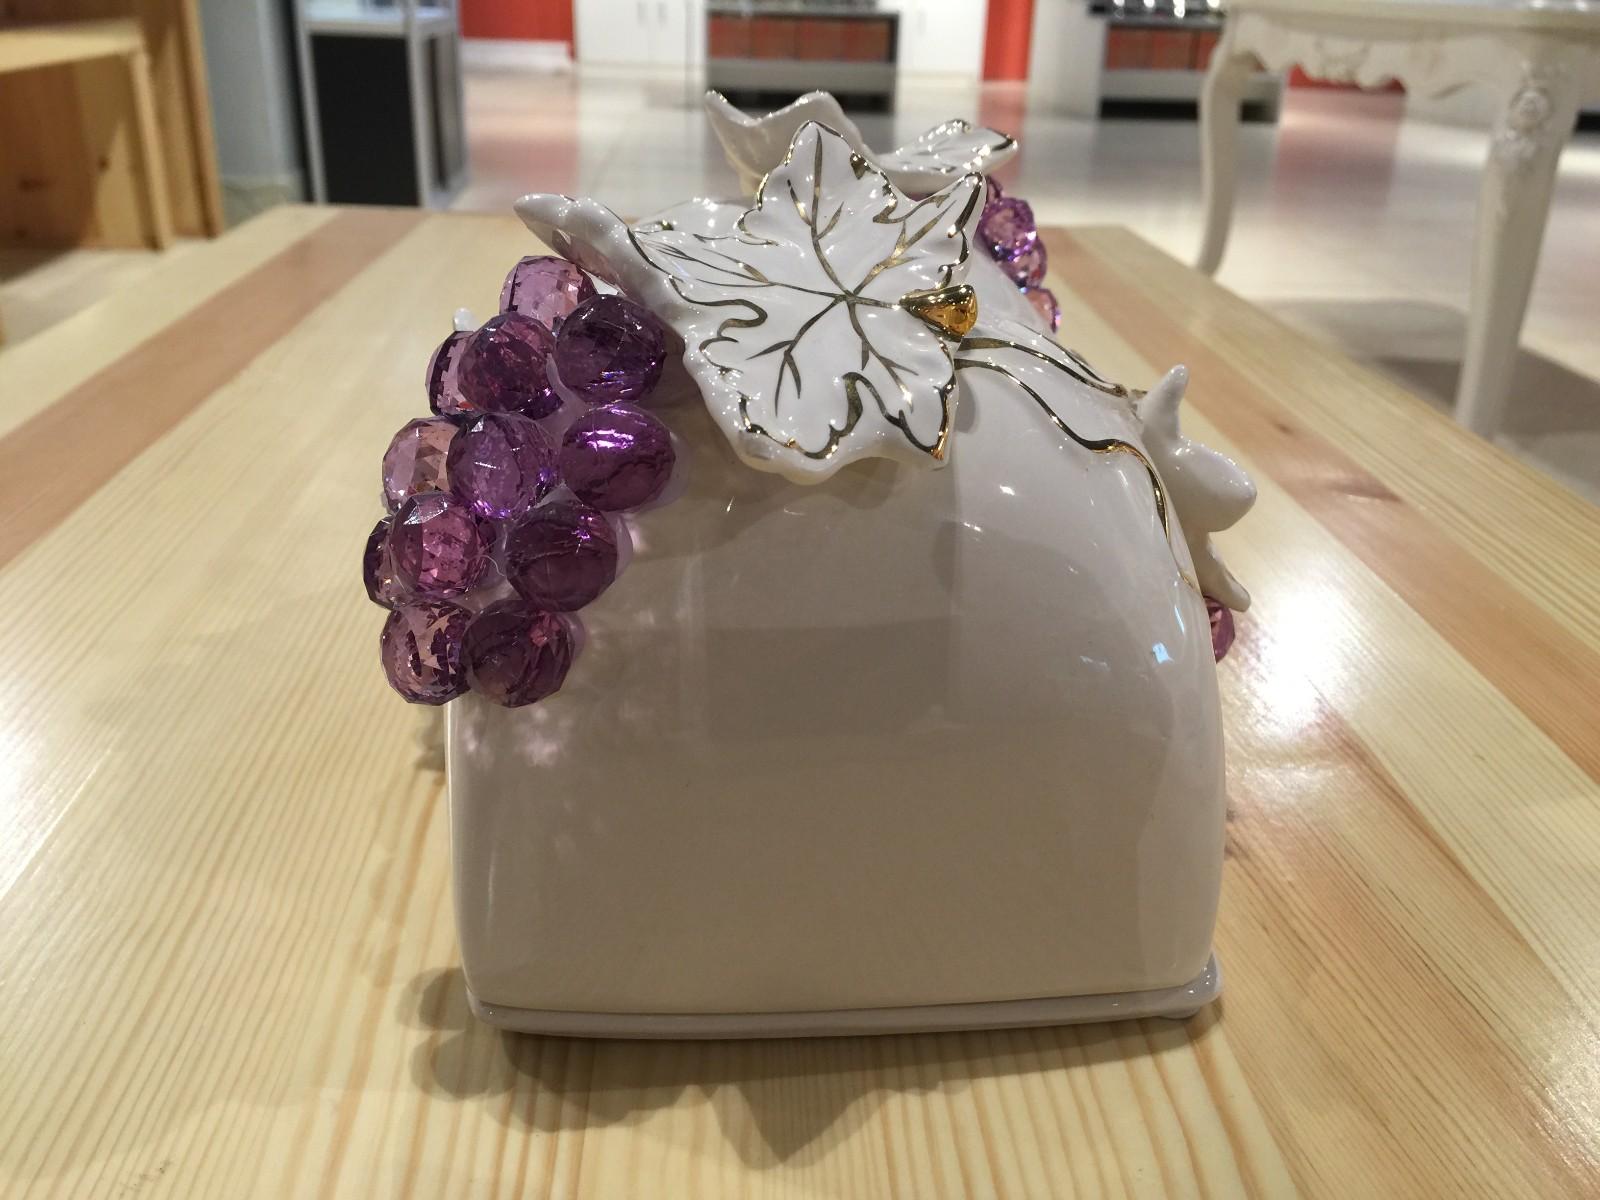 俄罗斯 纸巾盒 家具 装饰摆件图片三